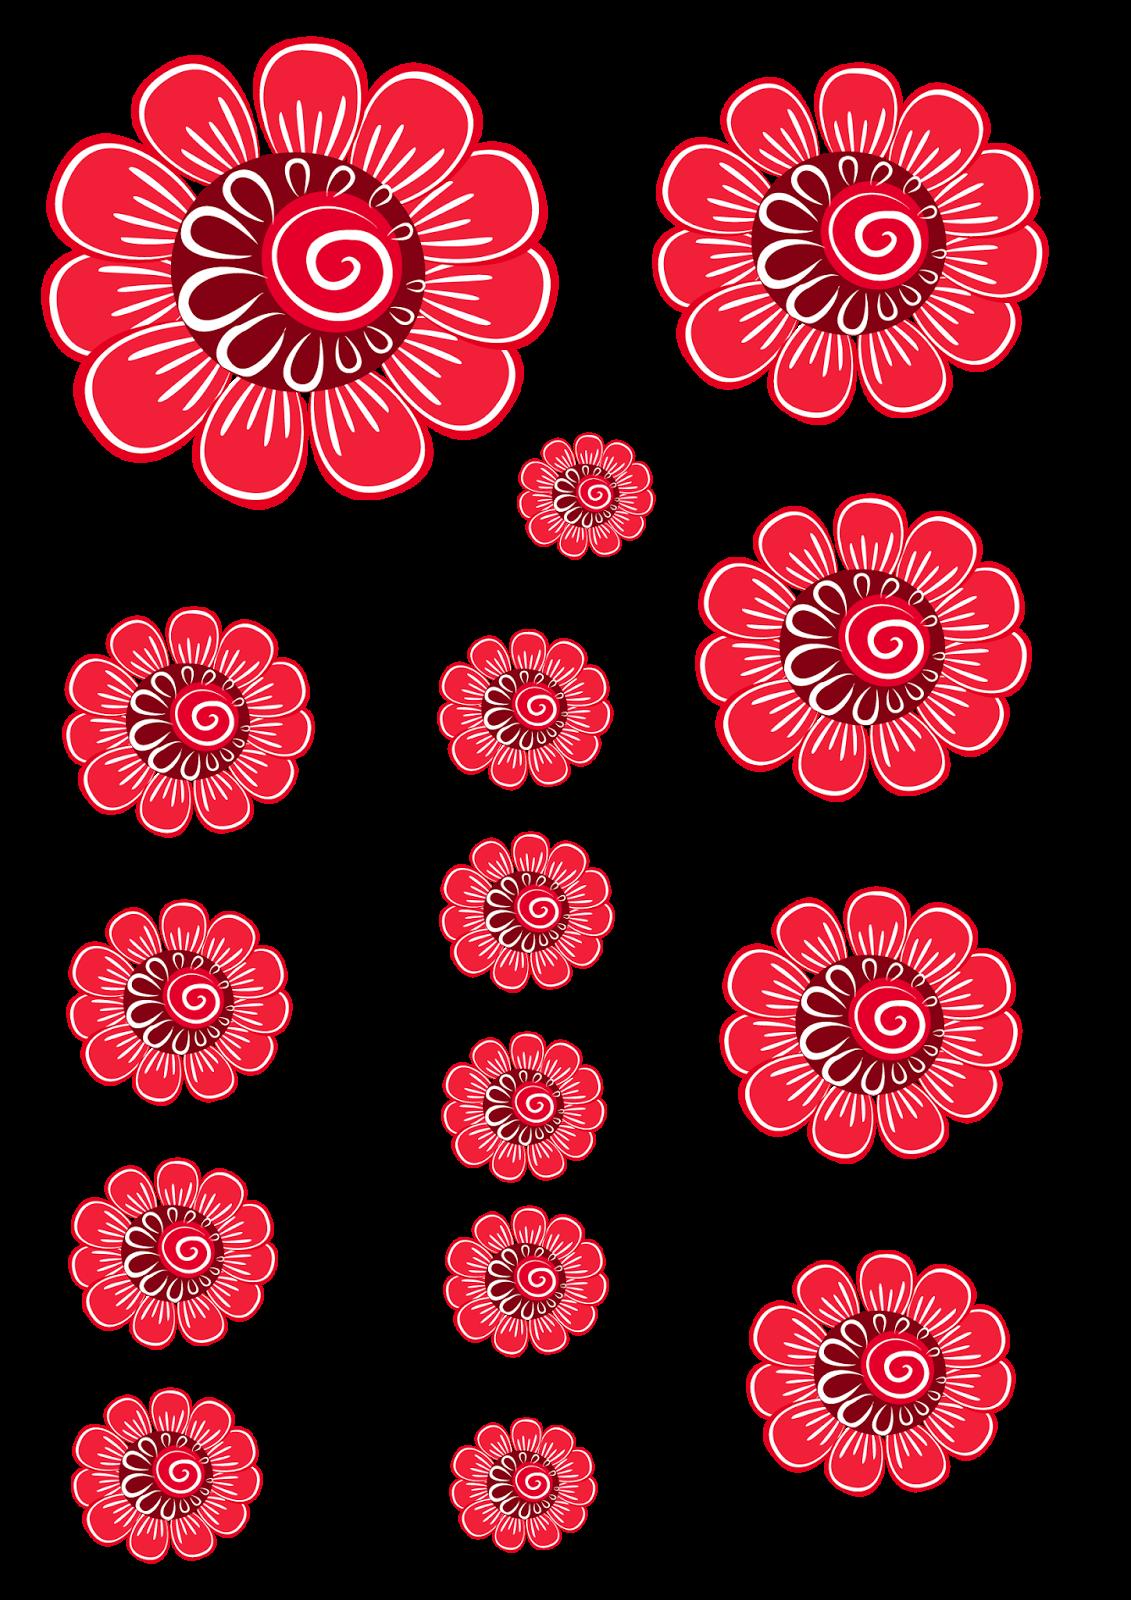 Овен по гороскопу цветов